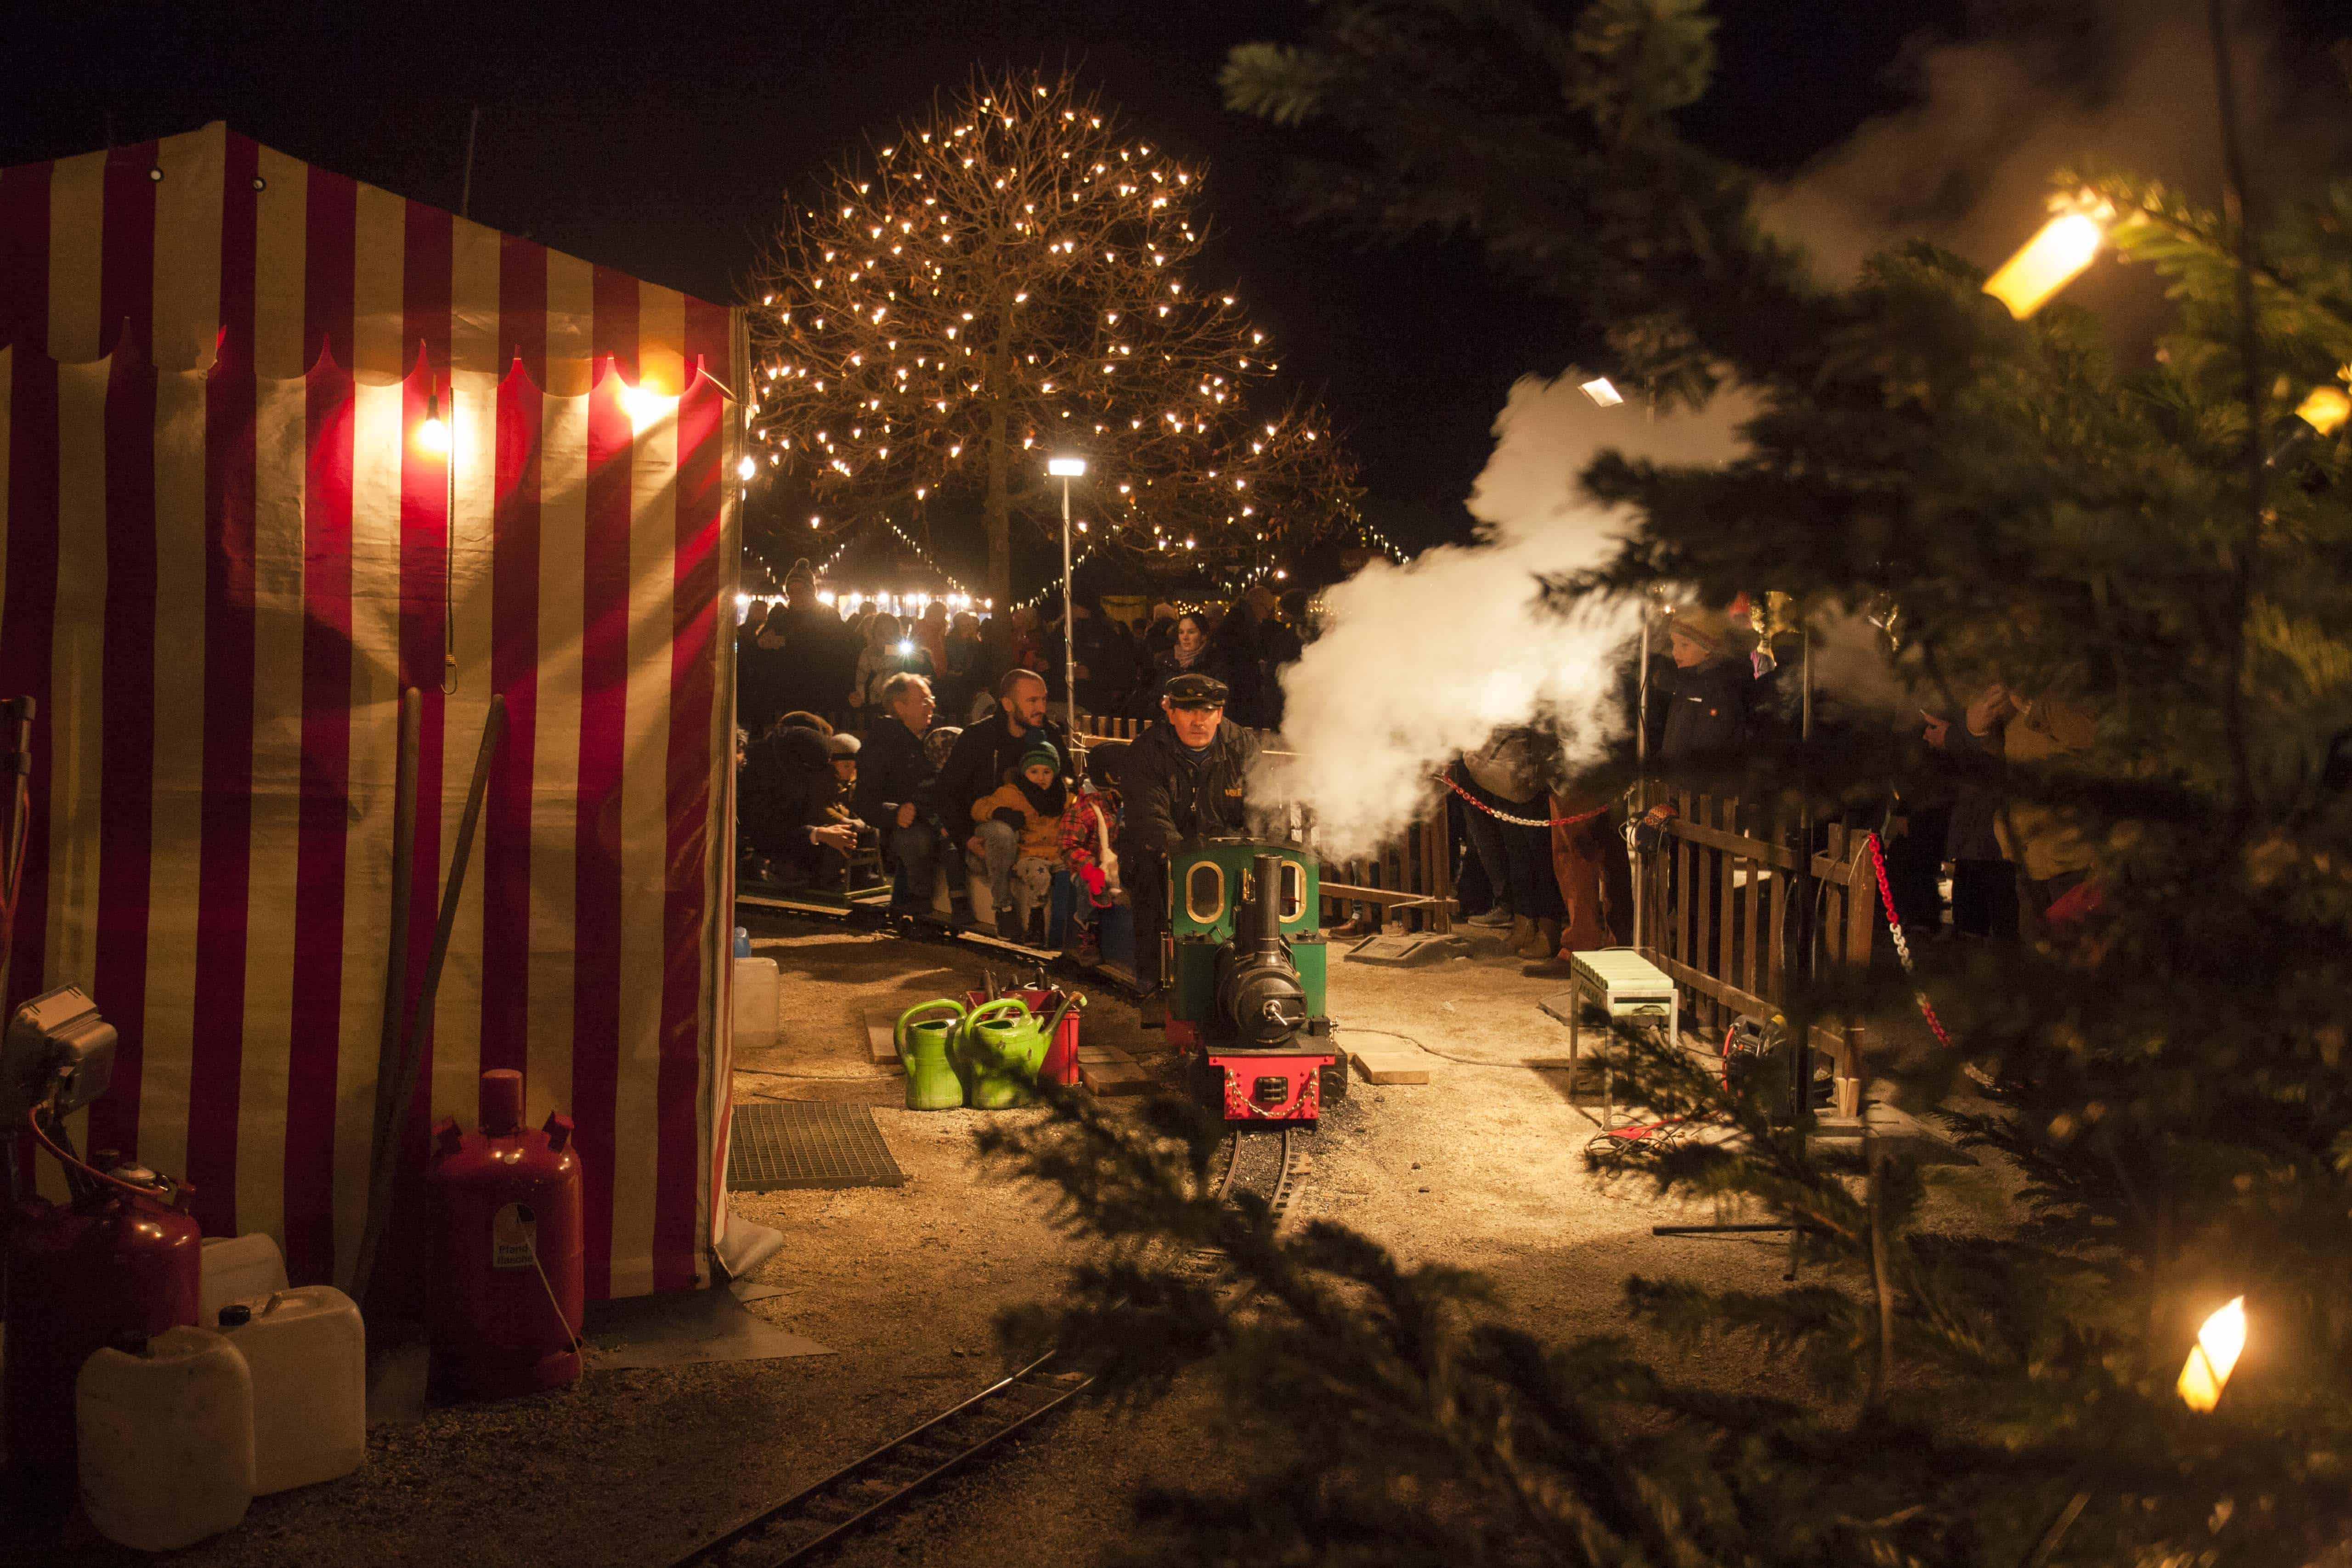 Weihnachtsmarkt Bad Homburg.Bad Homburg Weihnachtsmarkt Magazin